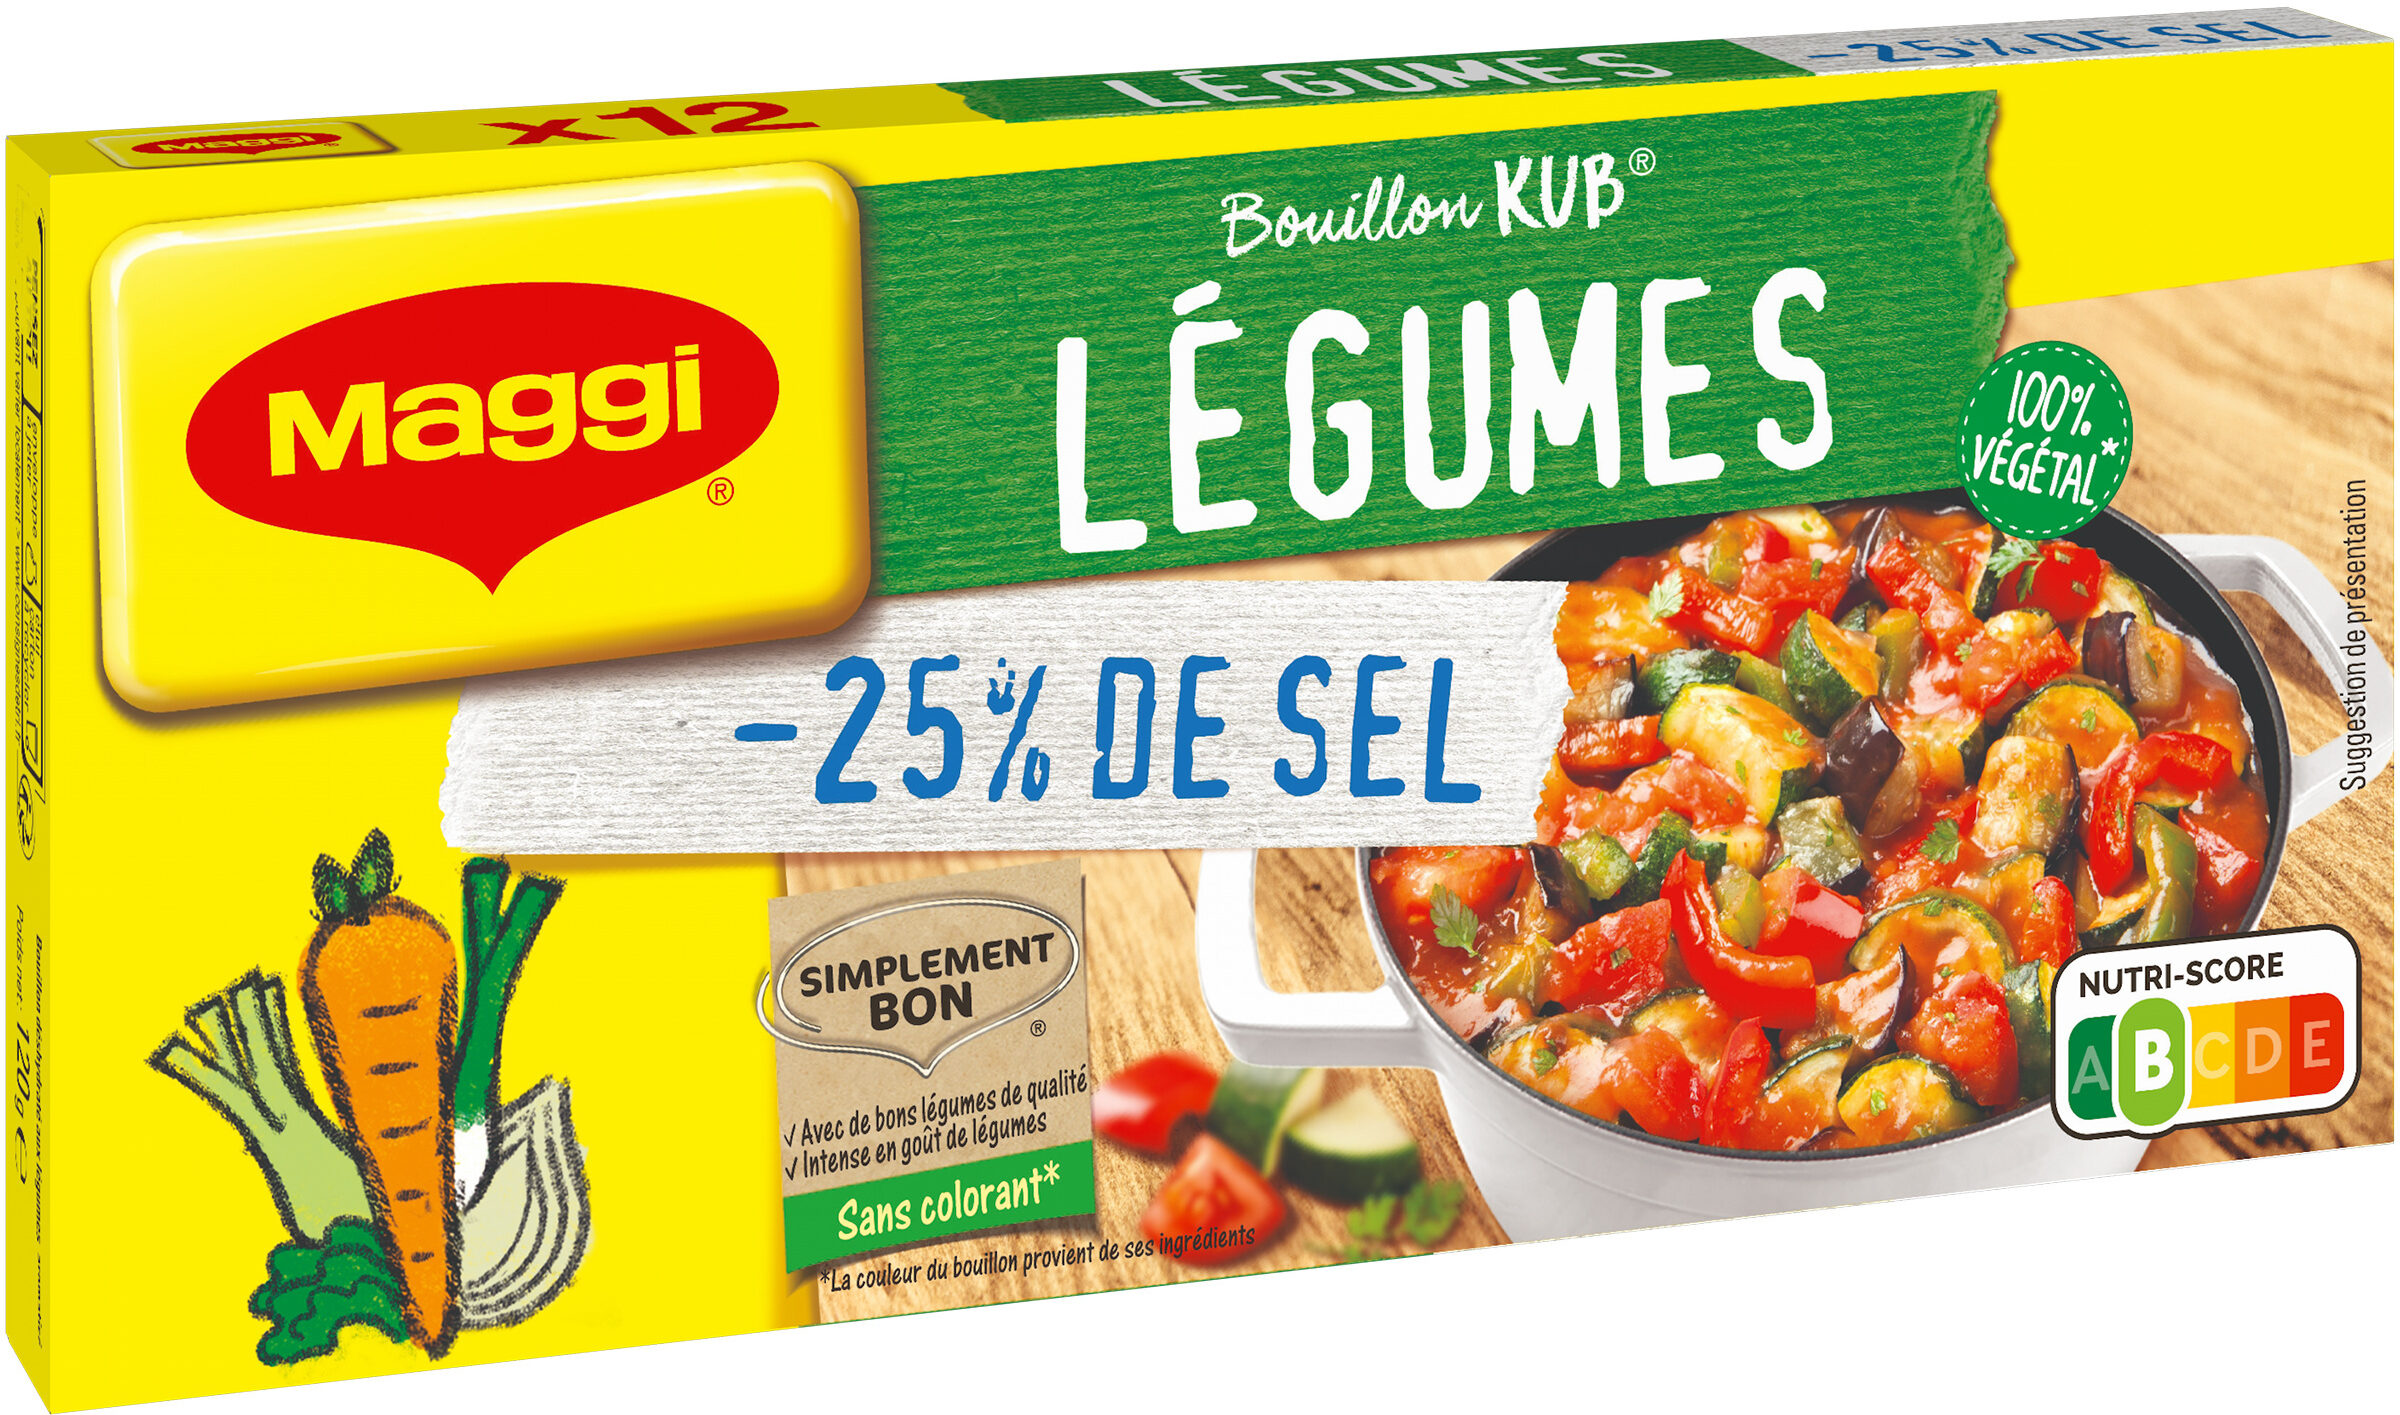 MAGGI Bouillon KUB Légumes Sel Réduit - Product - fr